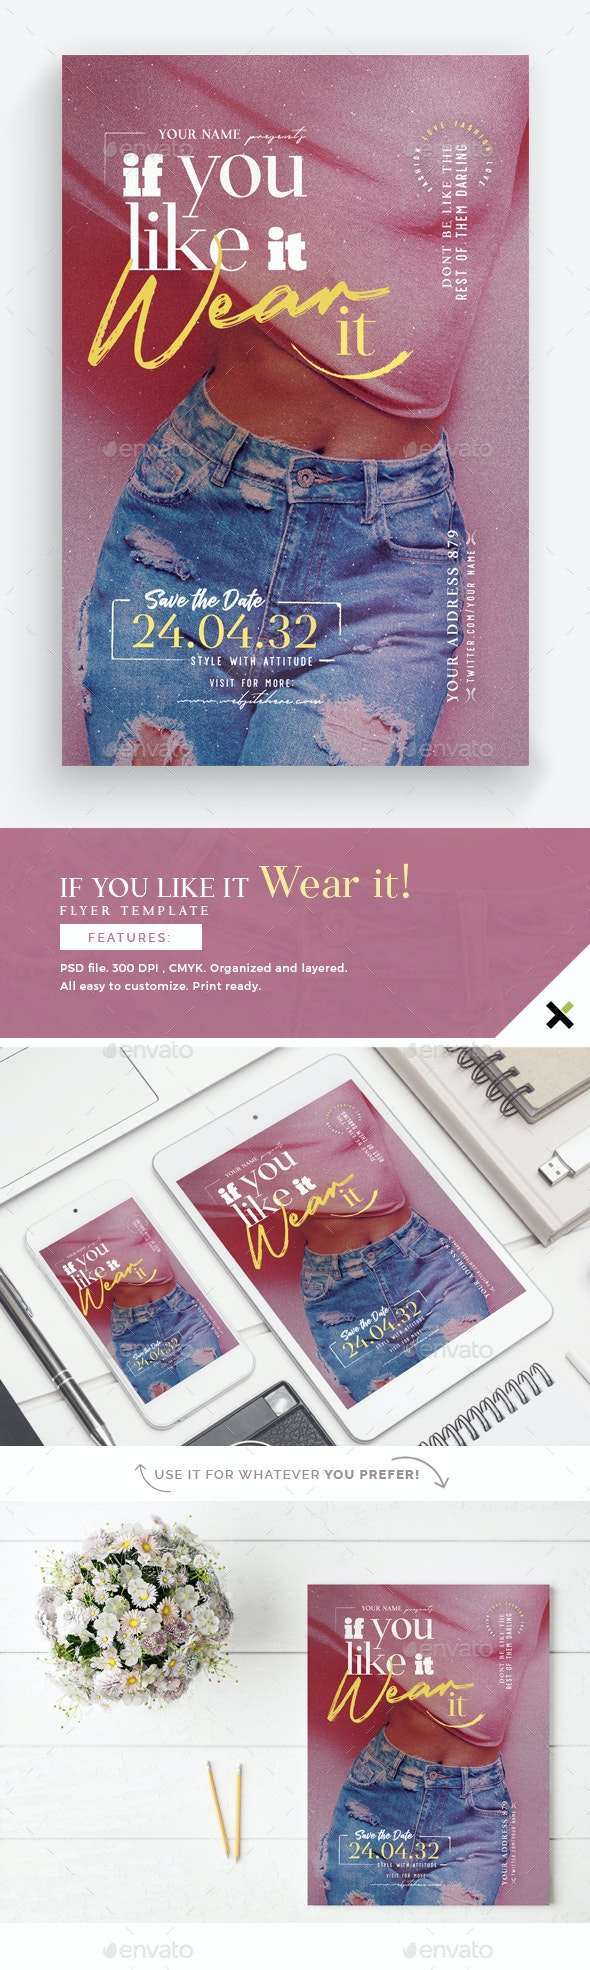 If You Like It Wear It Flyer Template - Commerce Flyers